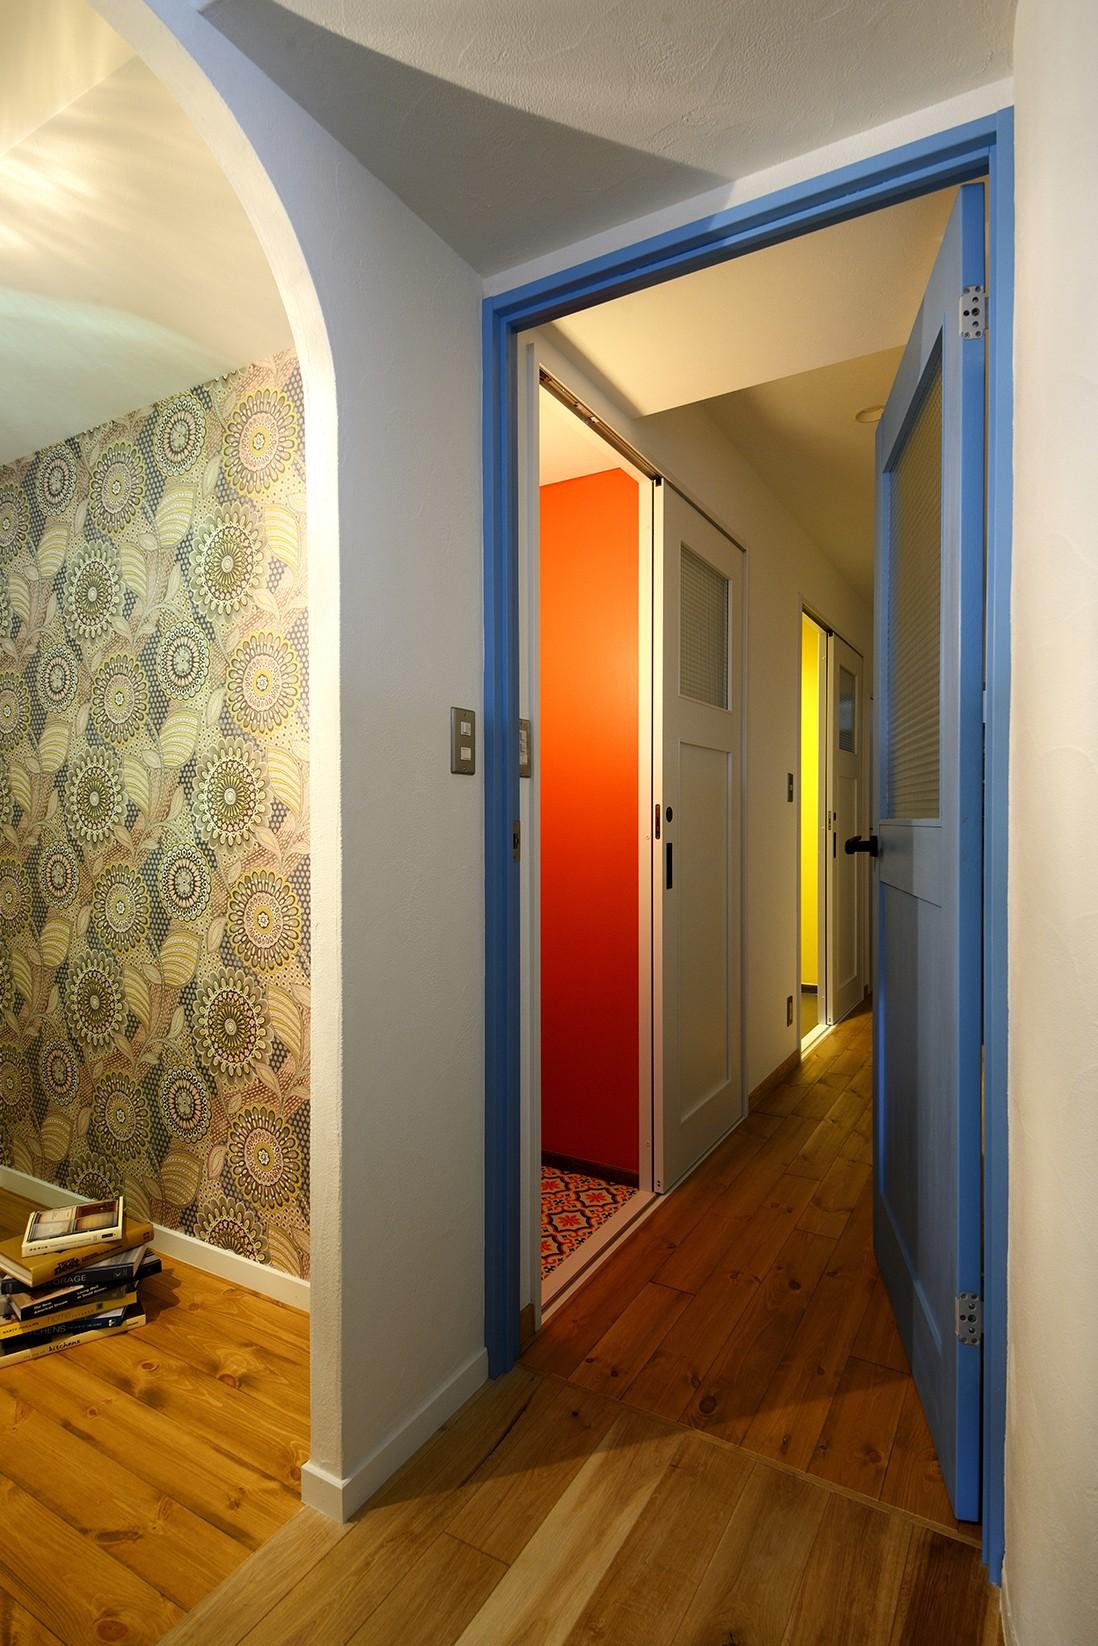 収納事例:ひまわりの壁面が印象的な収納スペース(リノベーションで思いどおりの住まい)